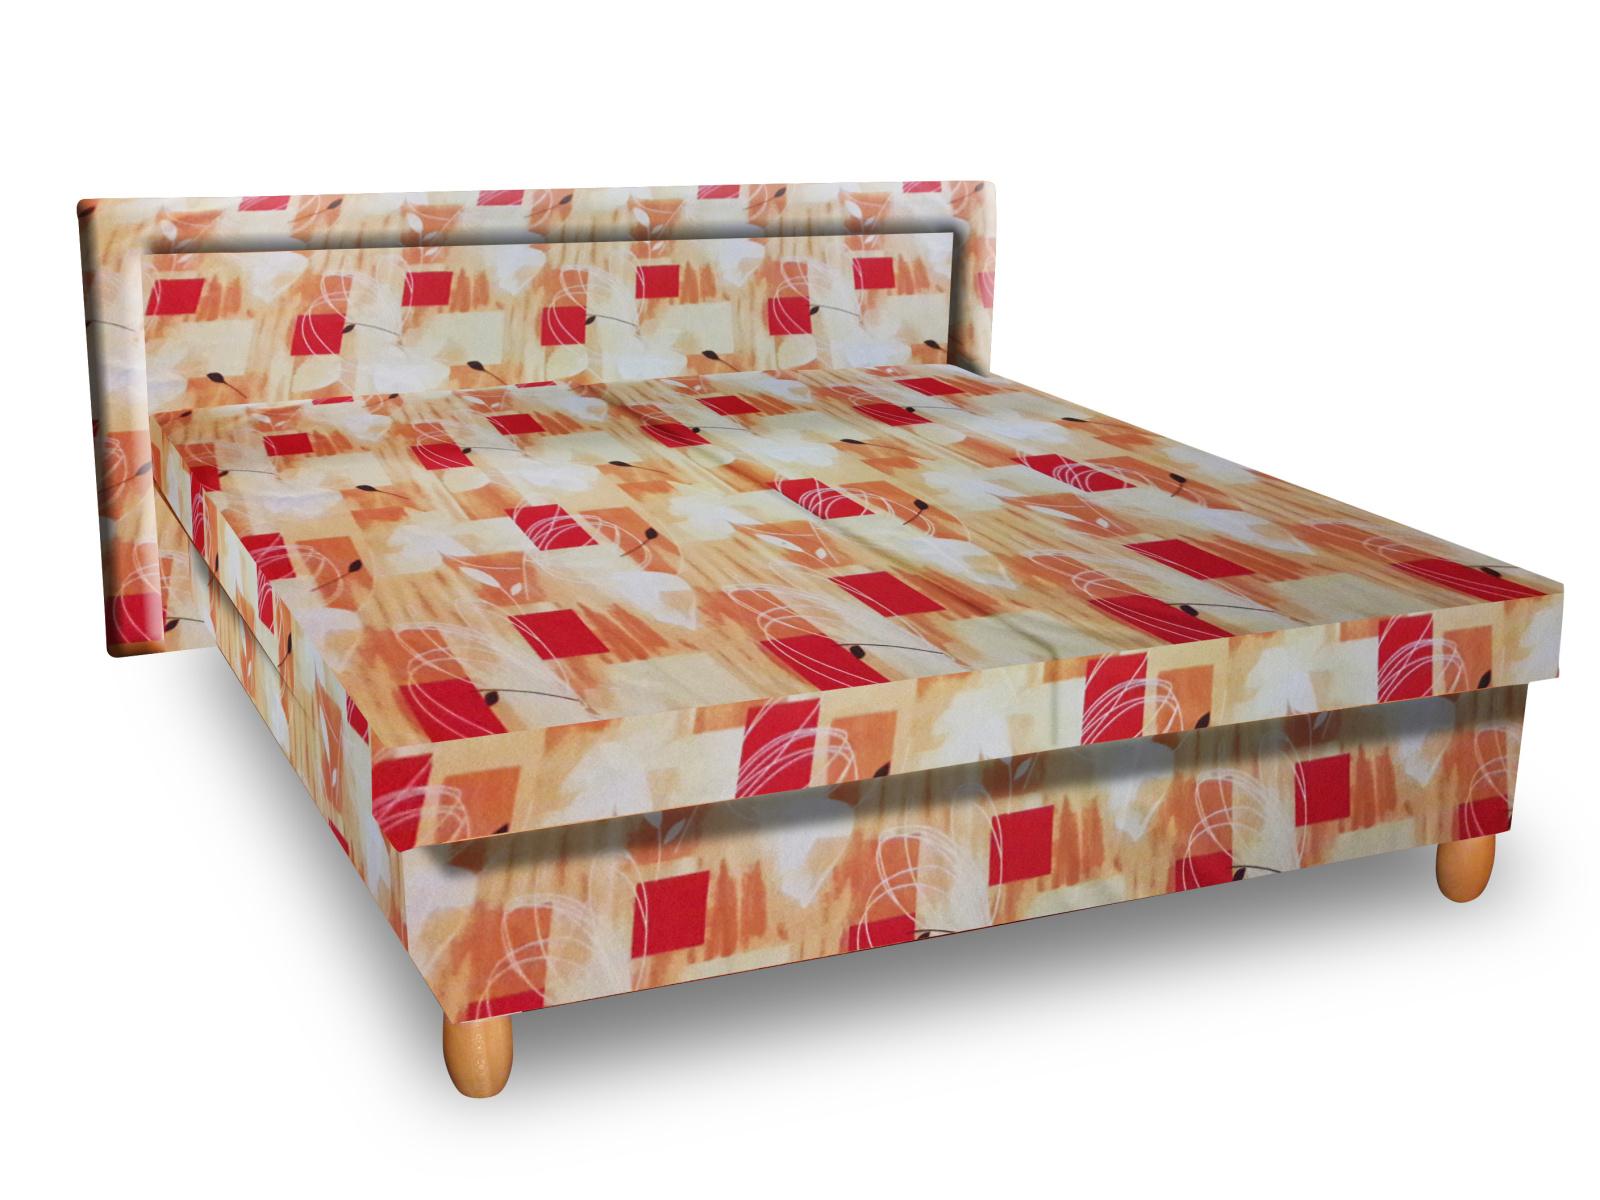 Smartshop Čalouněná postel IVA 180x200 cm, oranžová látka